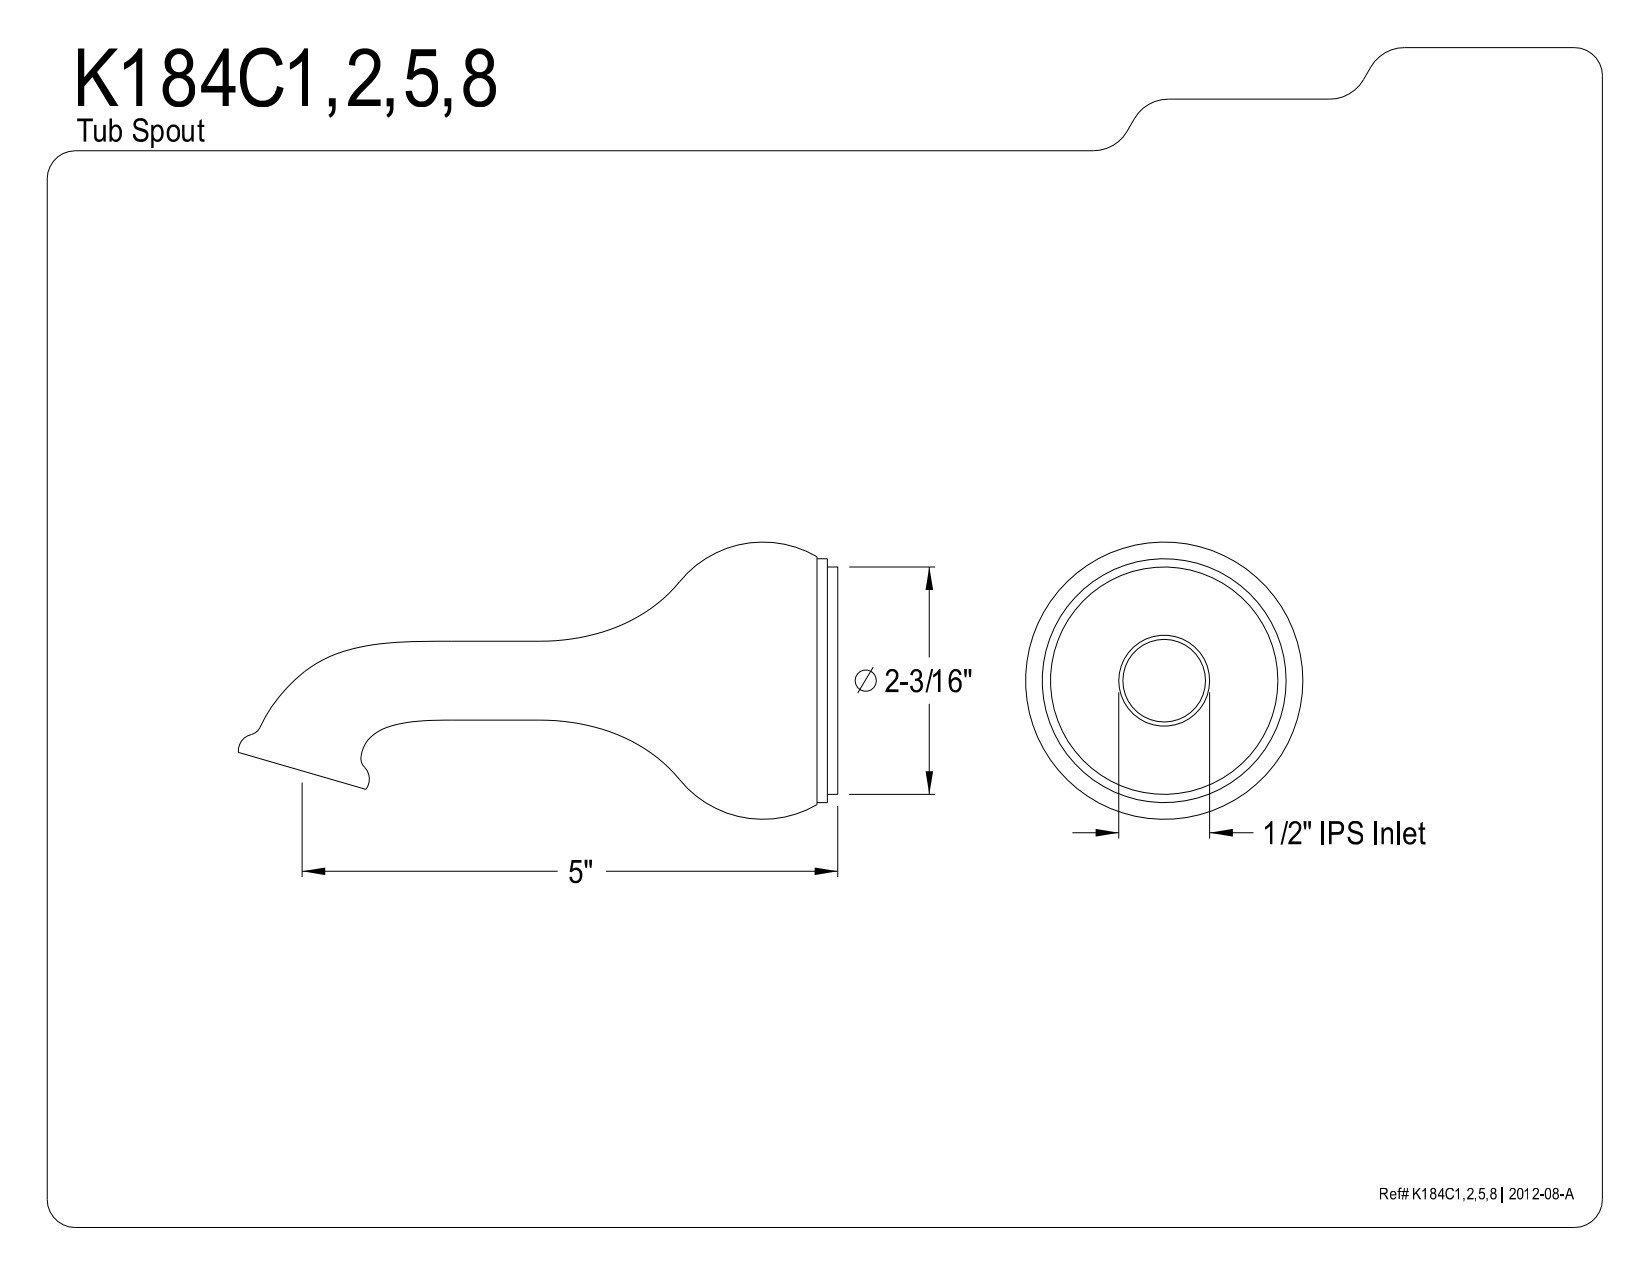 Kingston Brass K184C1 Designer Trimscape Showerscape 5-Inch Tub Spout, Polished Chrome